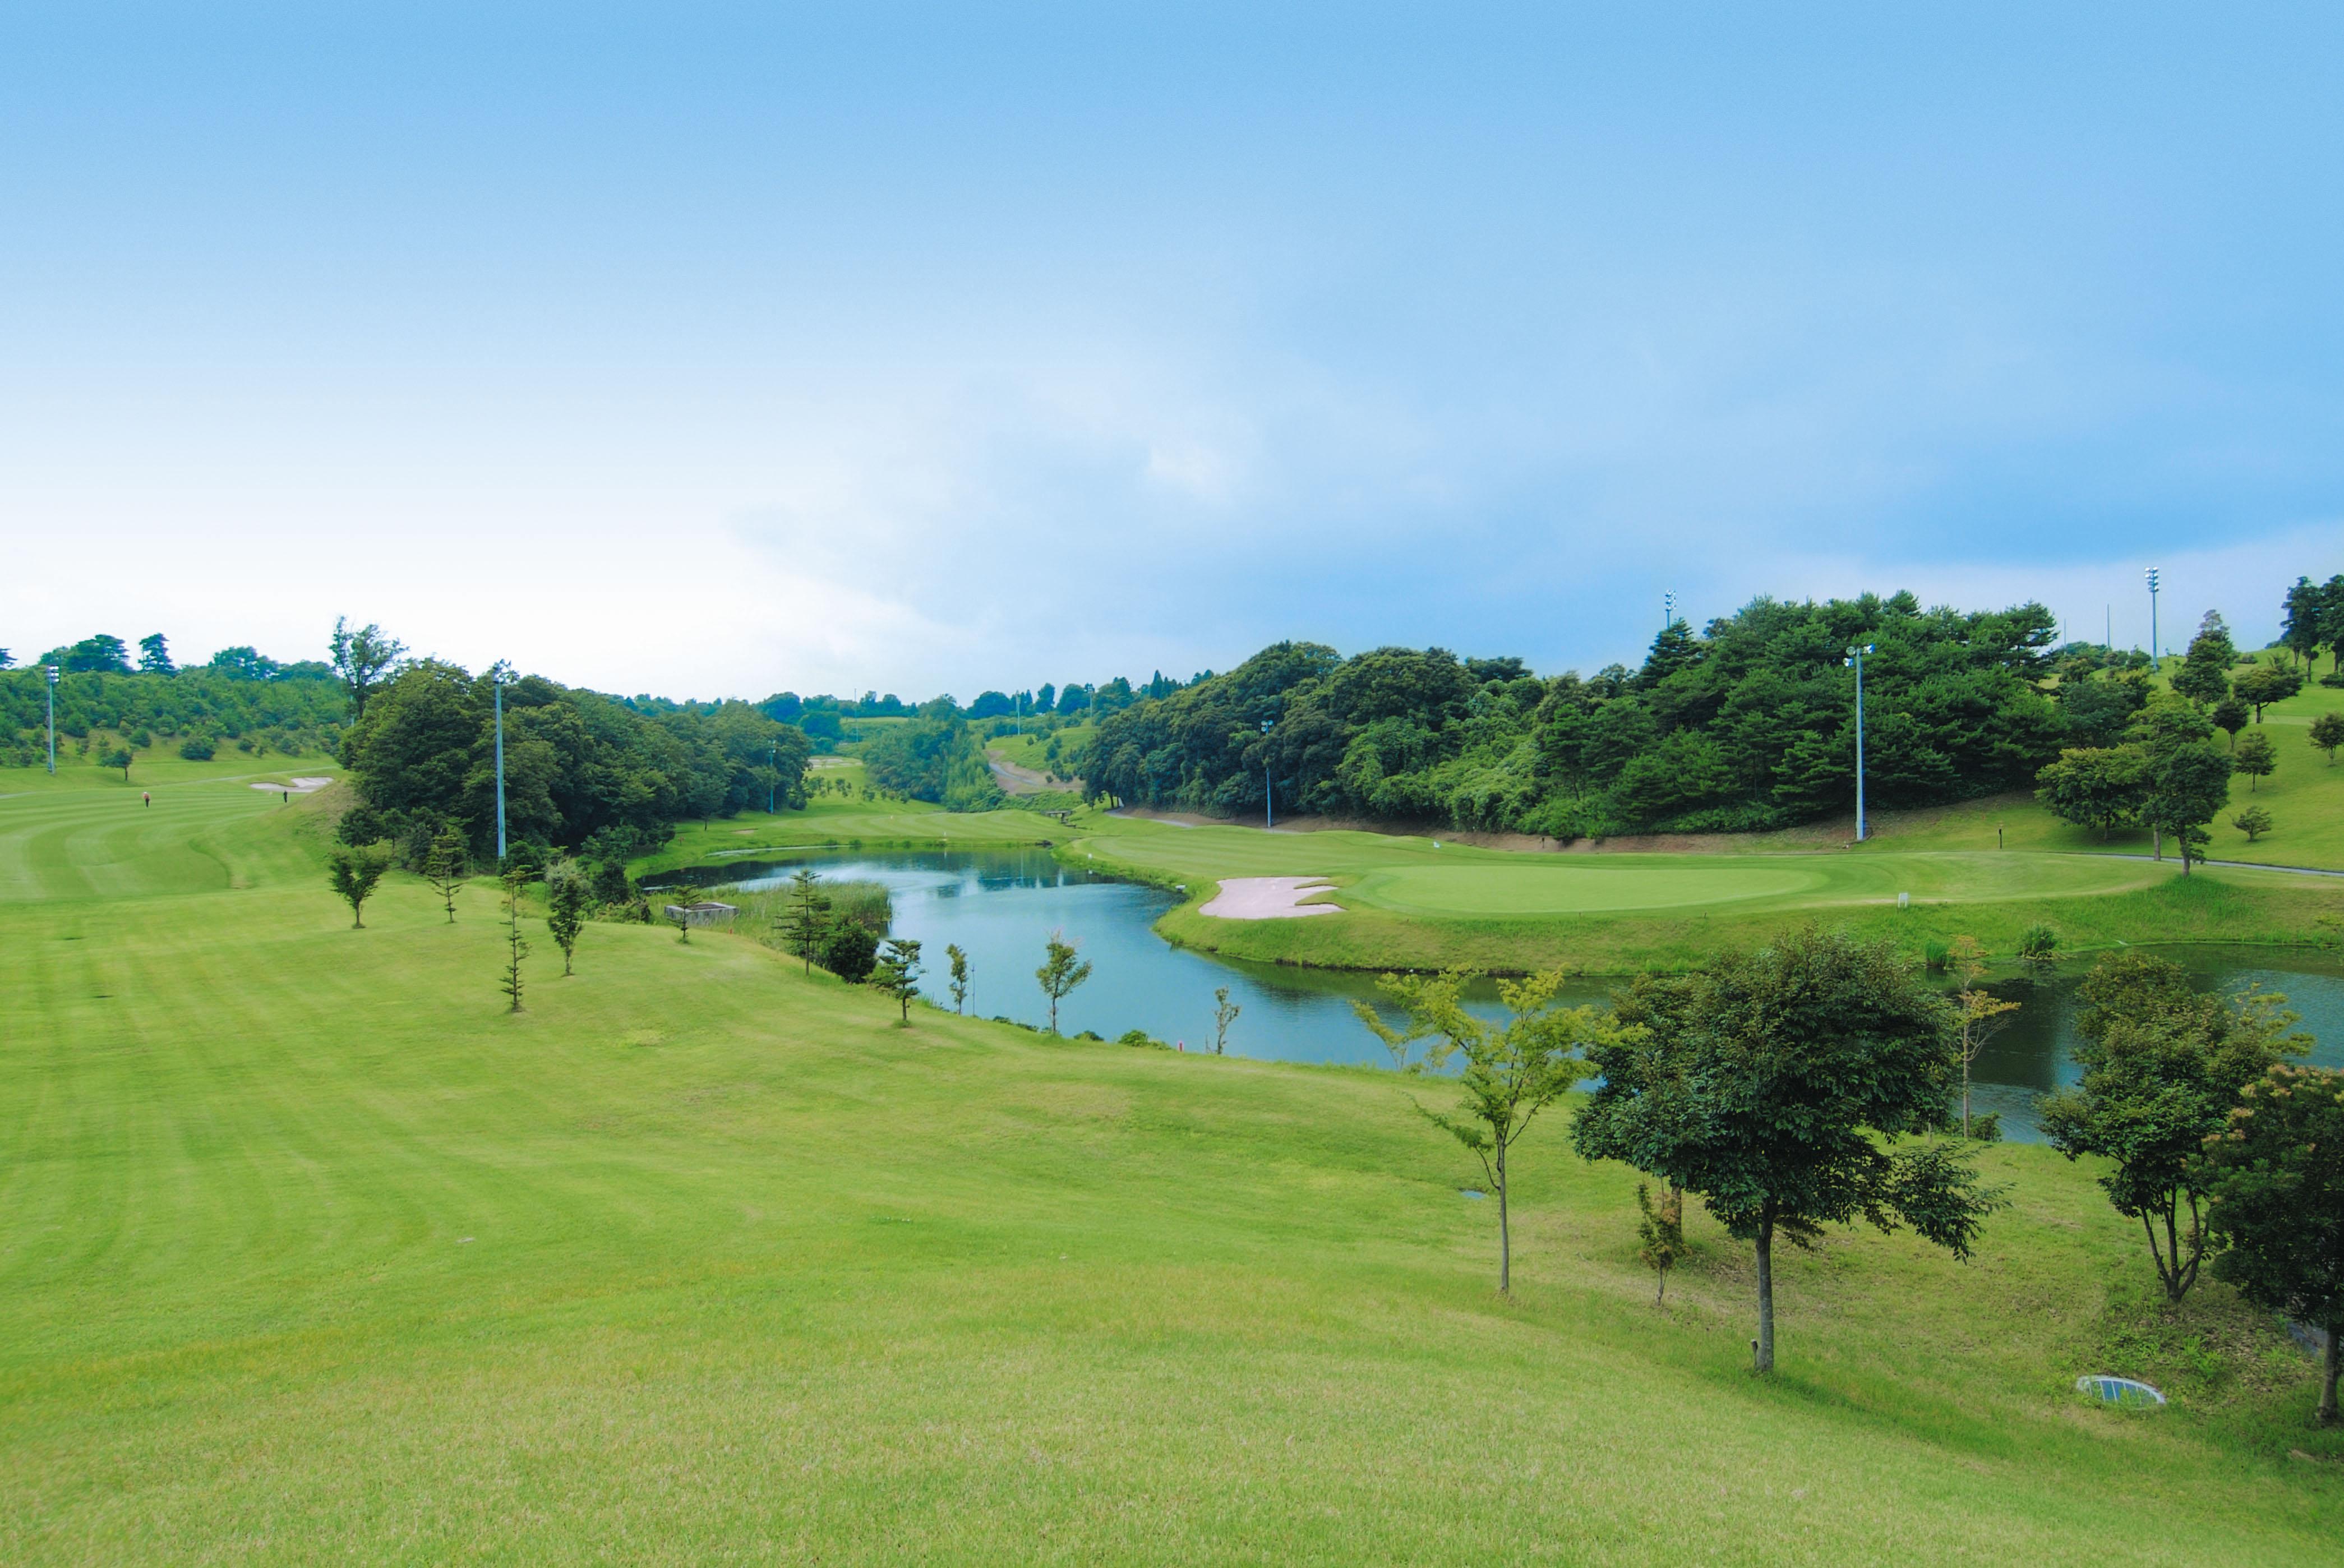 ムーンレイクゴルフクラブ 市原コース